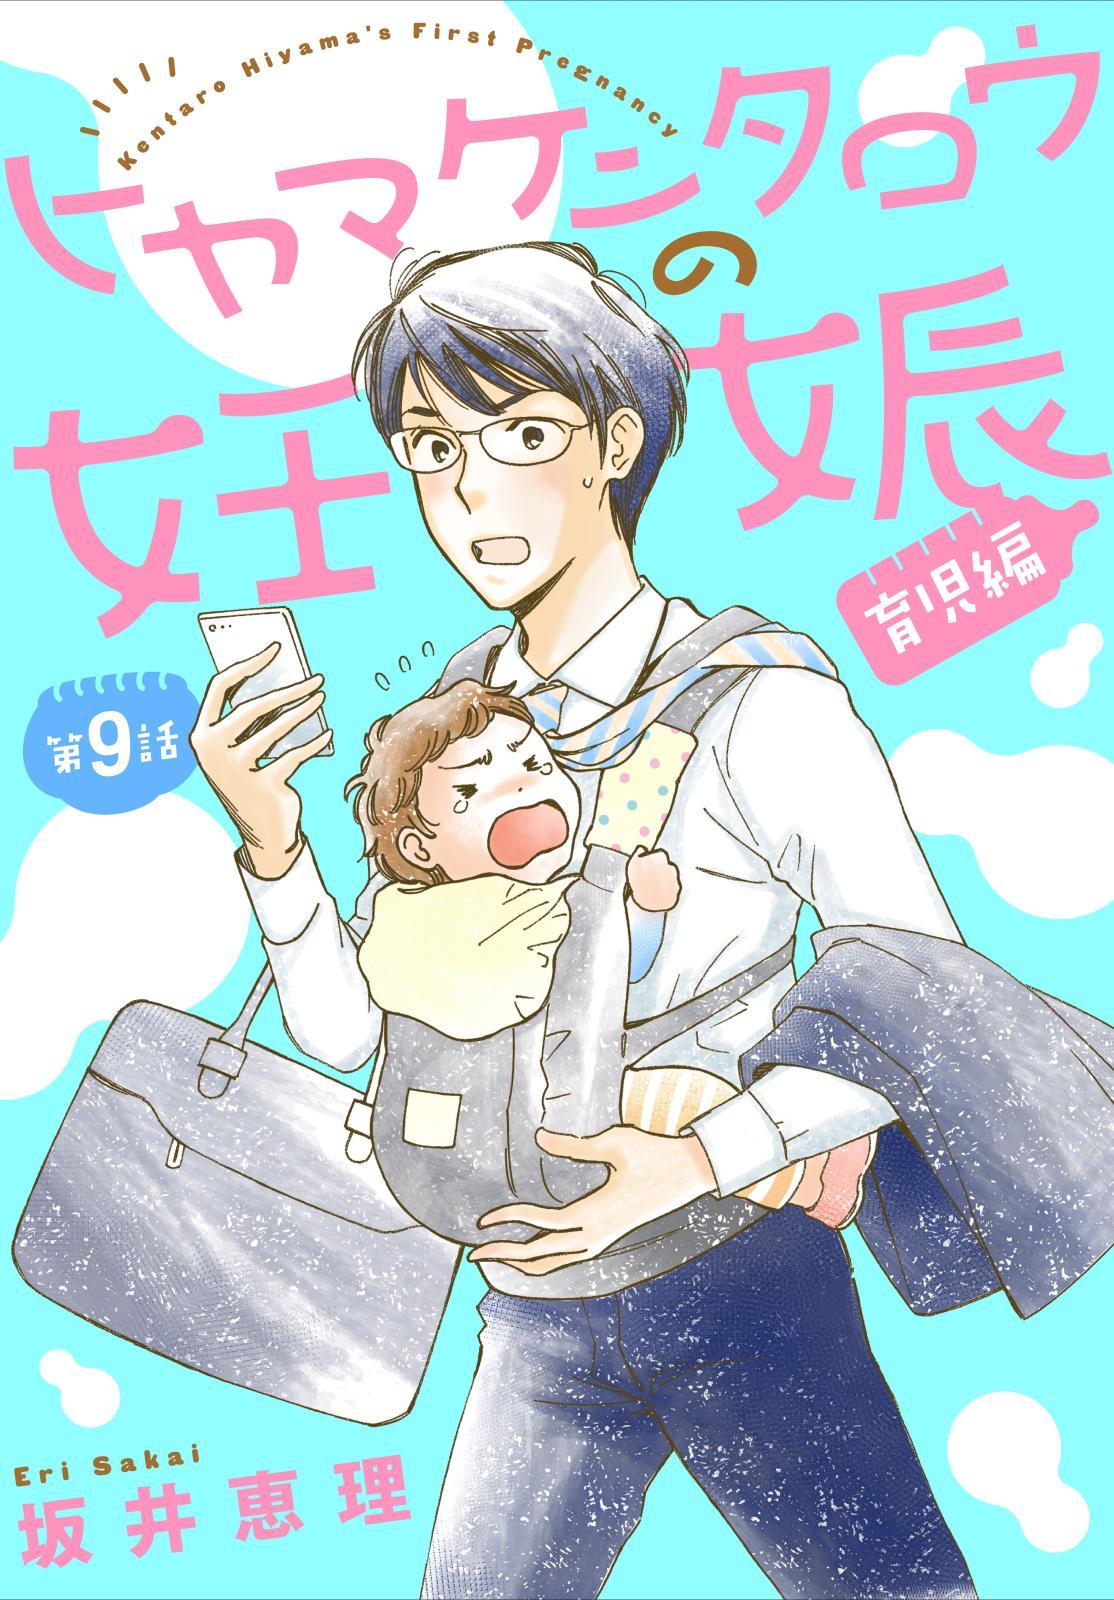 ヒヤマケンタロウの妊娠 育児編 分冊版(9)